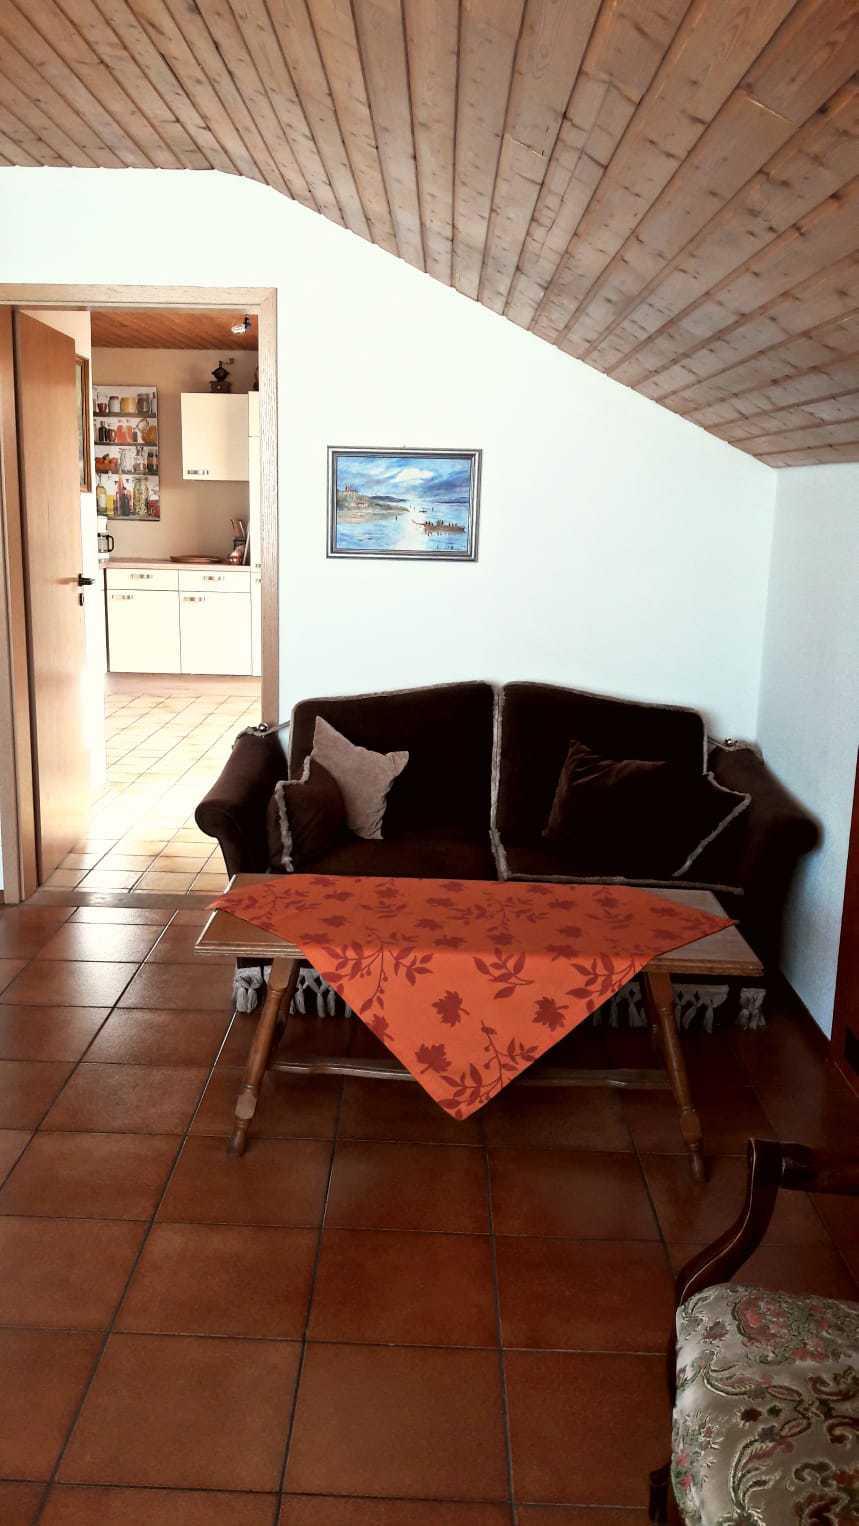 Wohnung in Weissach mieten, Abbildung 3 Zimmer 1